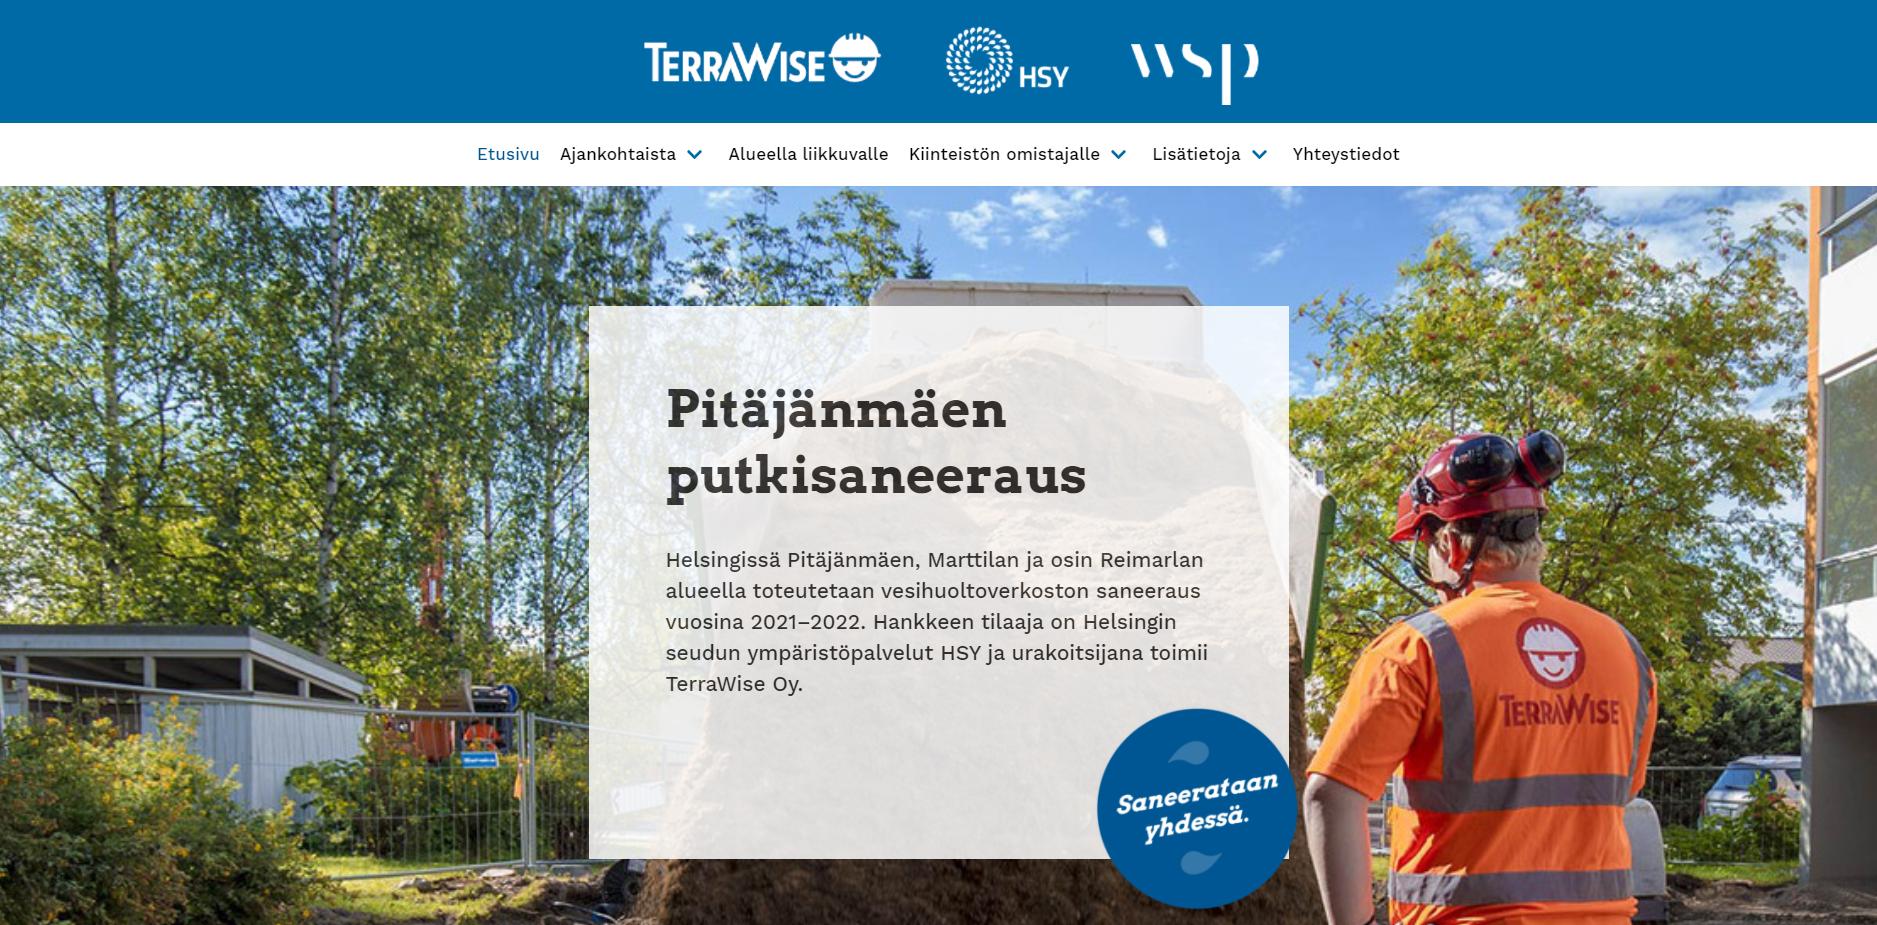 Saavutettavat verkkosivut hankkeelle Pitäjänmäen putkisaneeraus